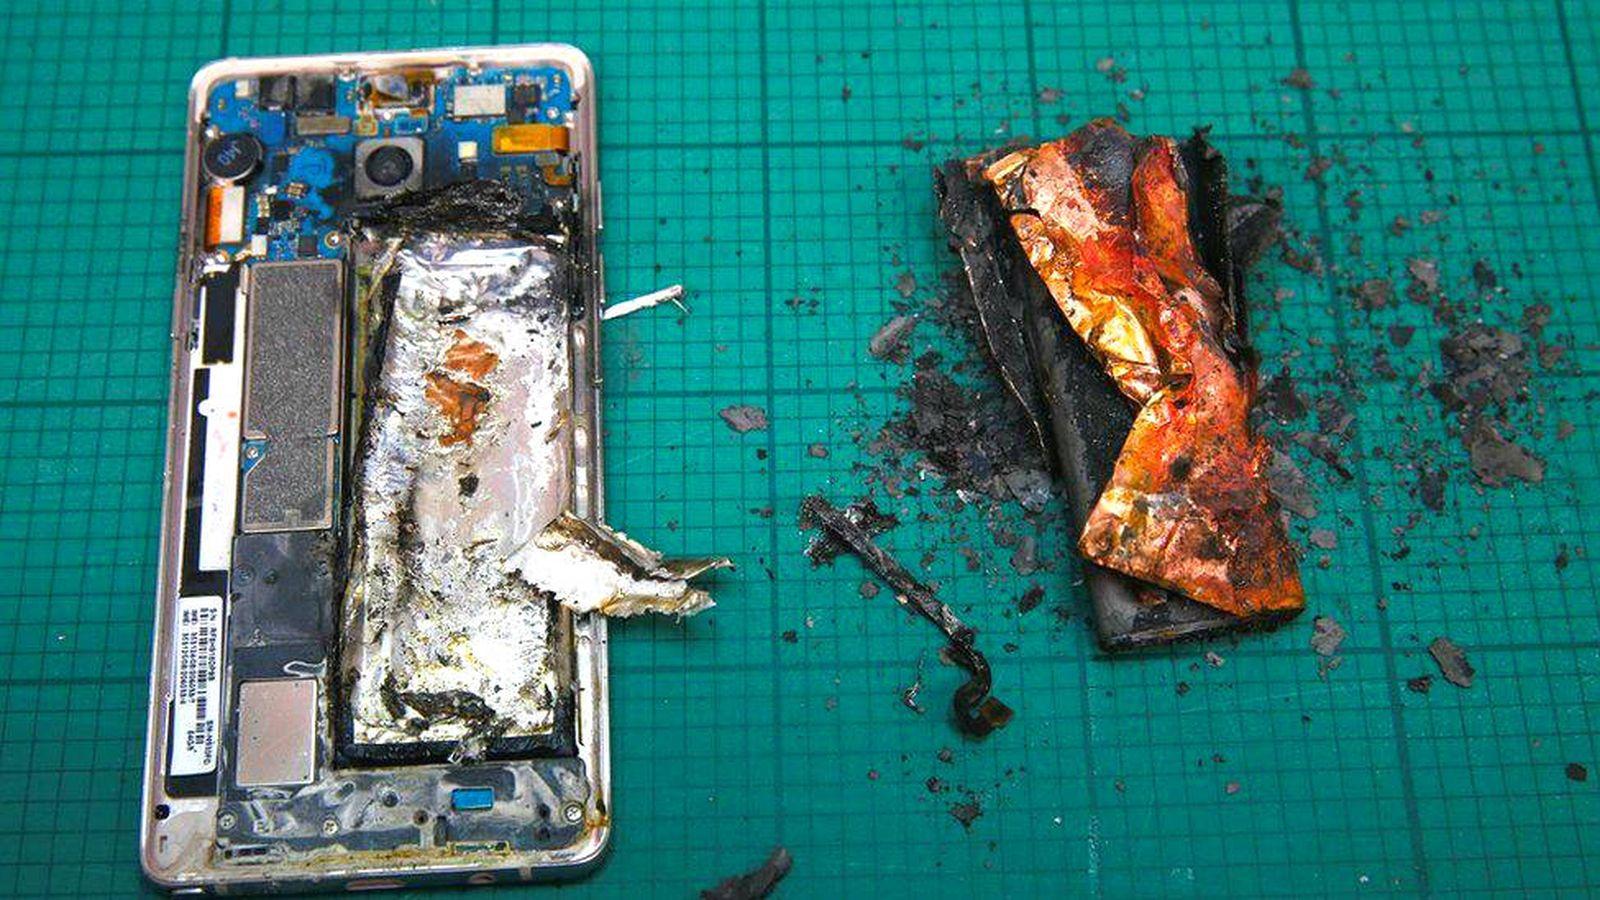 Foto: Un Galaxy Note 7 incendiado durante una prueba en un laboratorio. (Foto: Reuters)